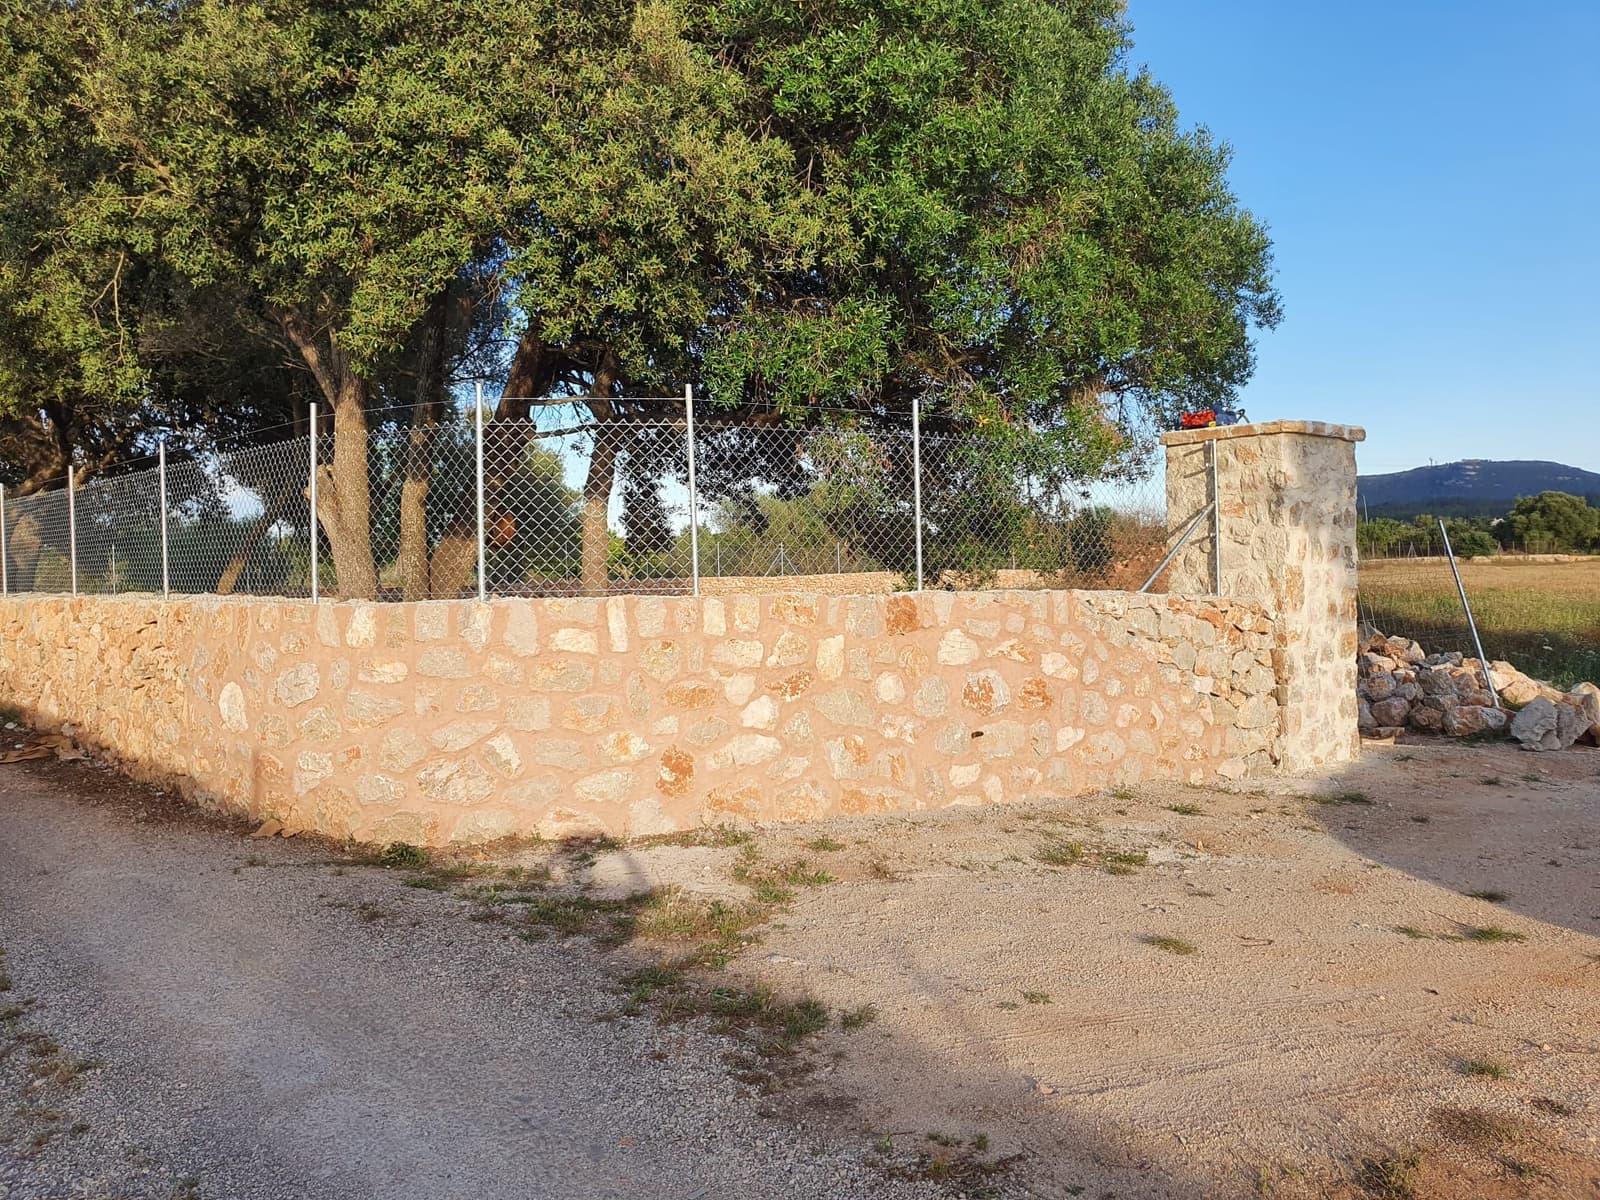 Terreno Não Urbanizado para venda em Algaida - 215 000 € (Ref: 6143437)